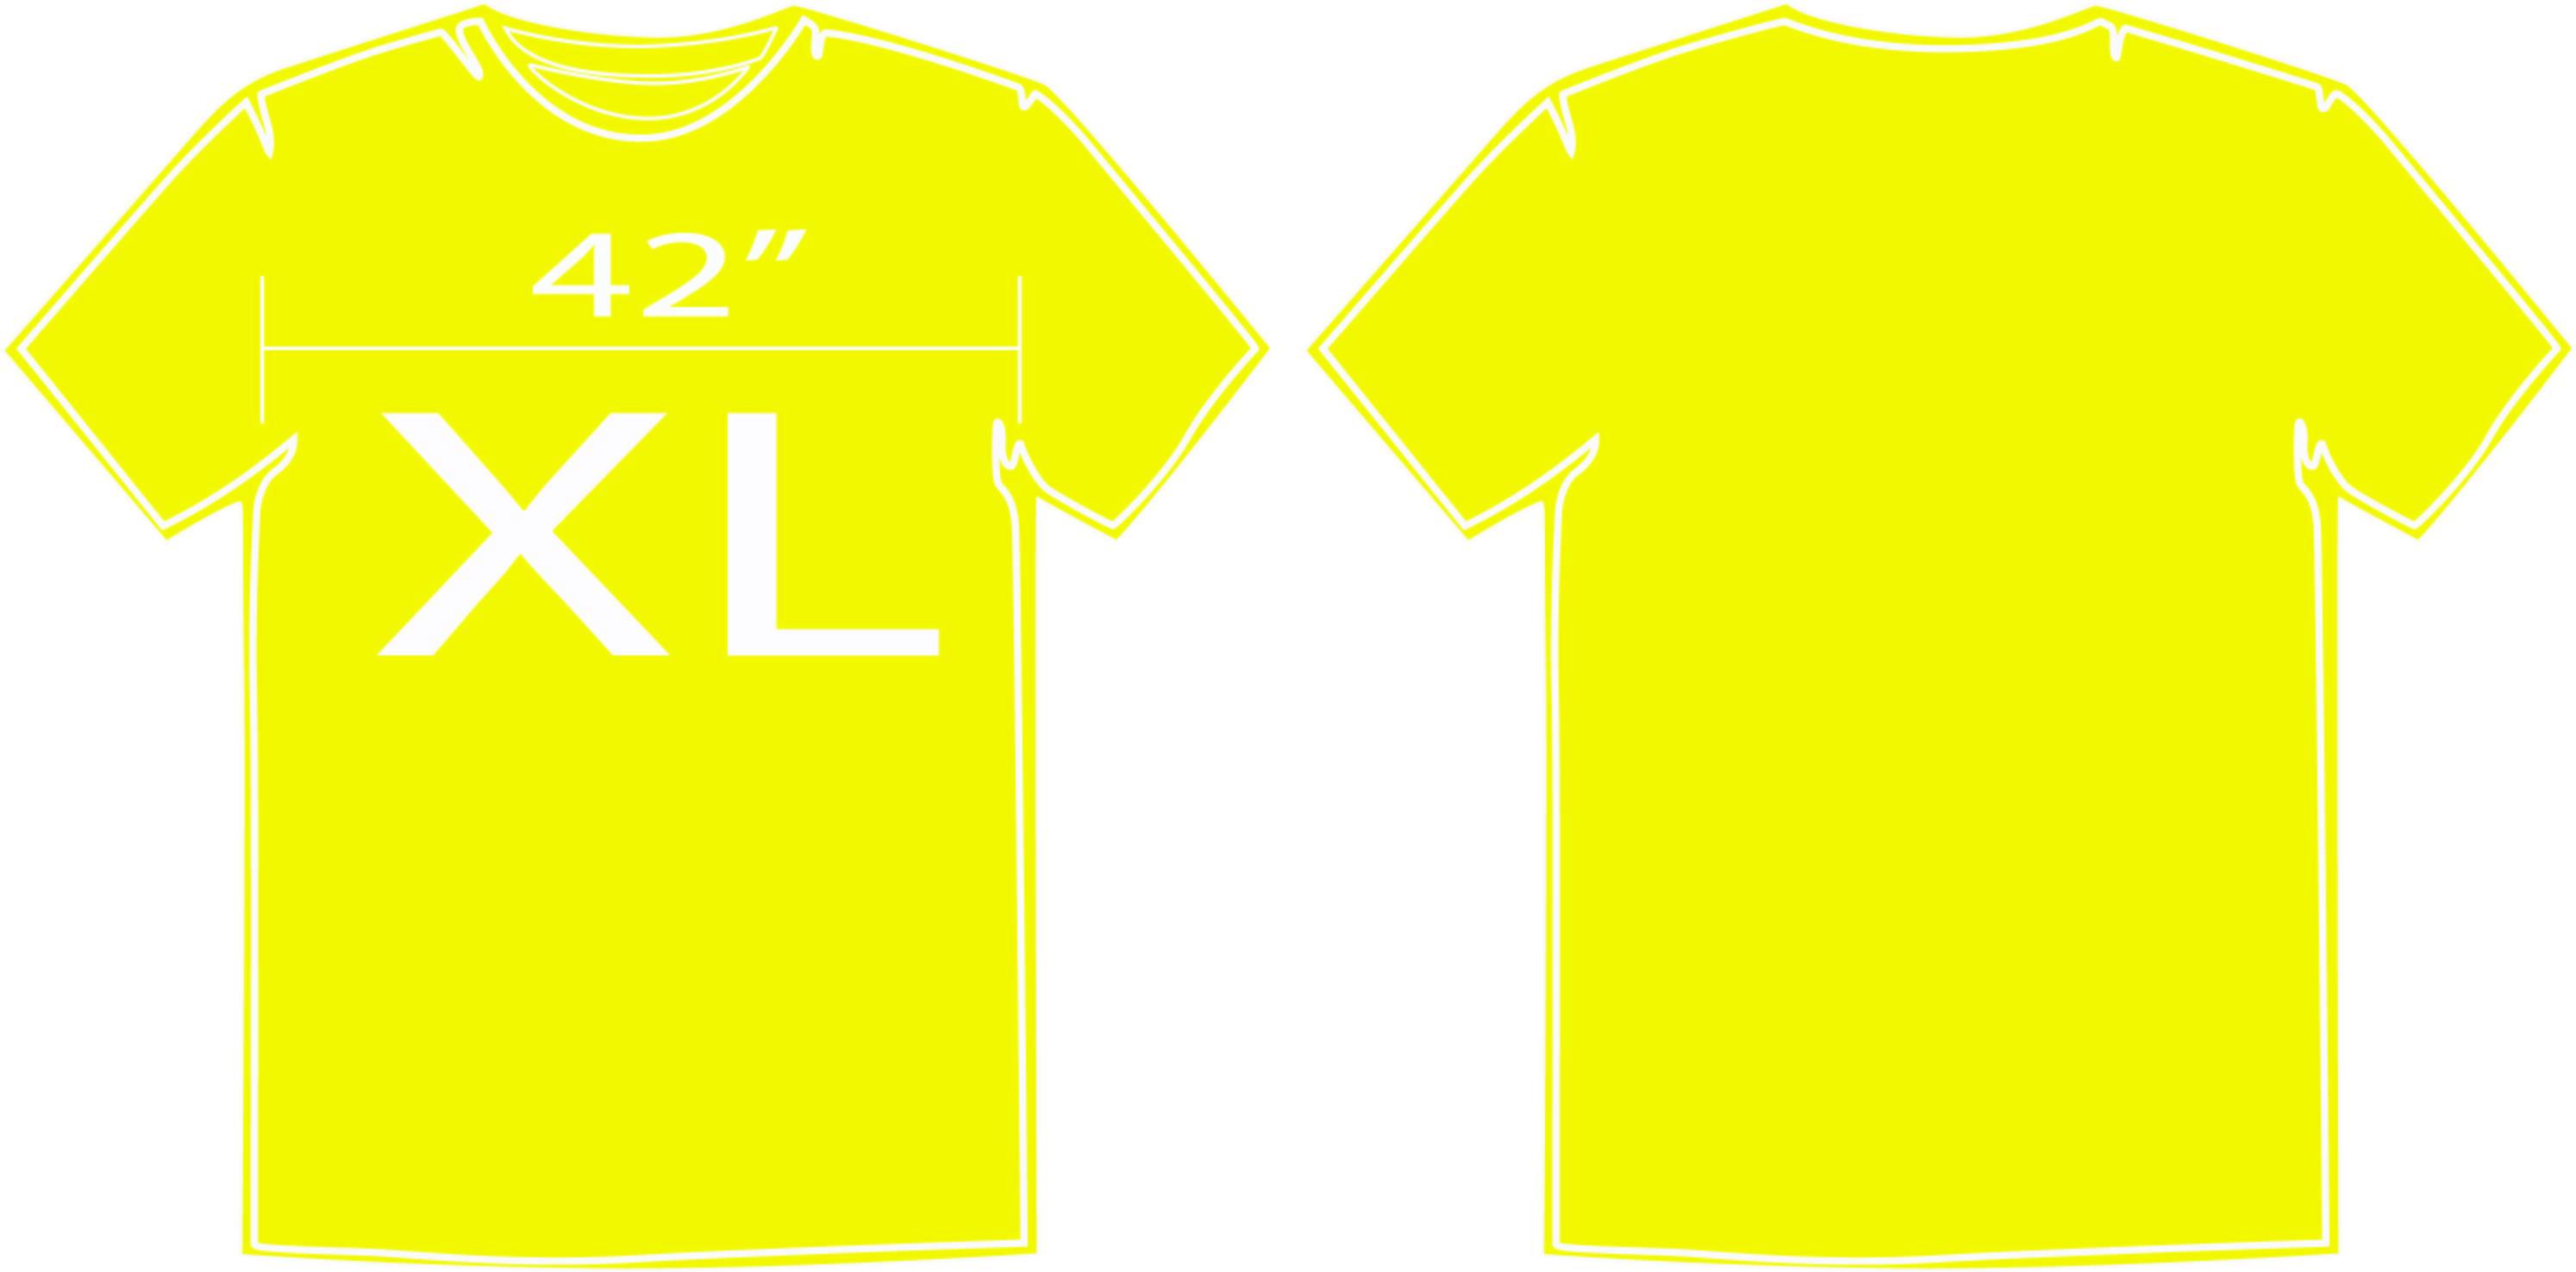 เสื้อสีพื้นสีเหลือง size XL